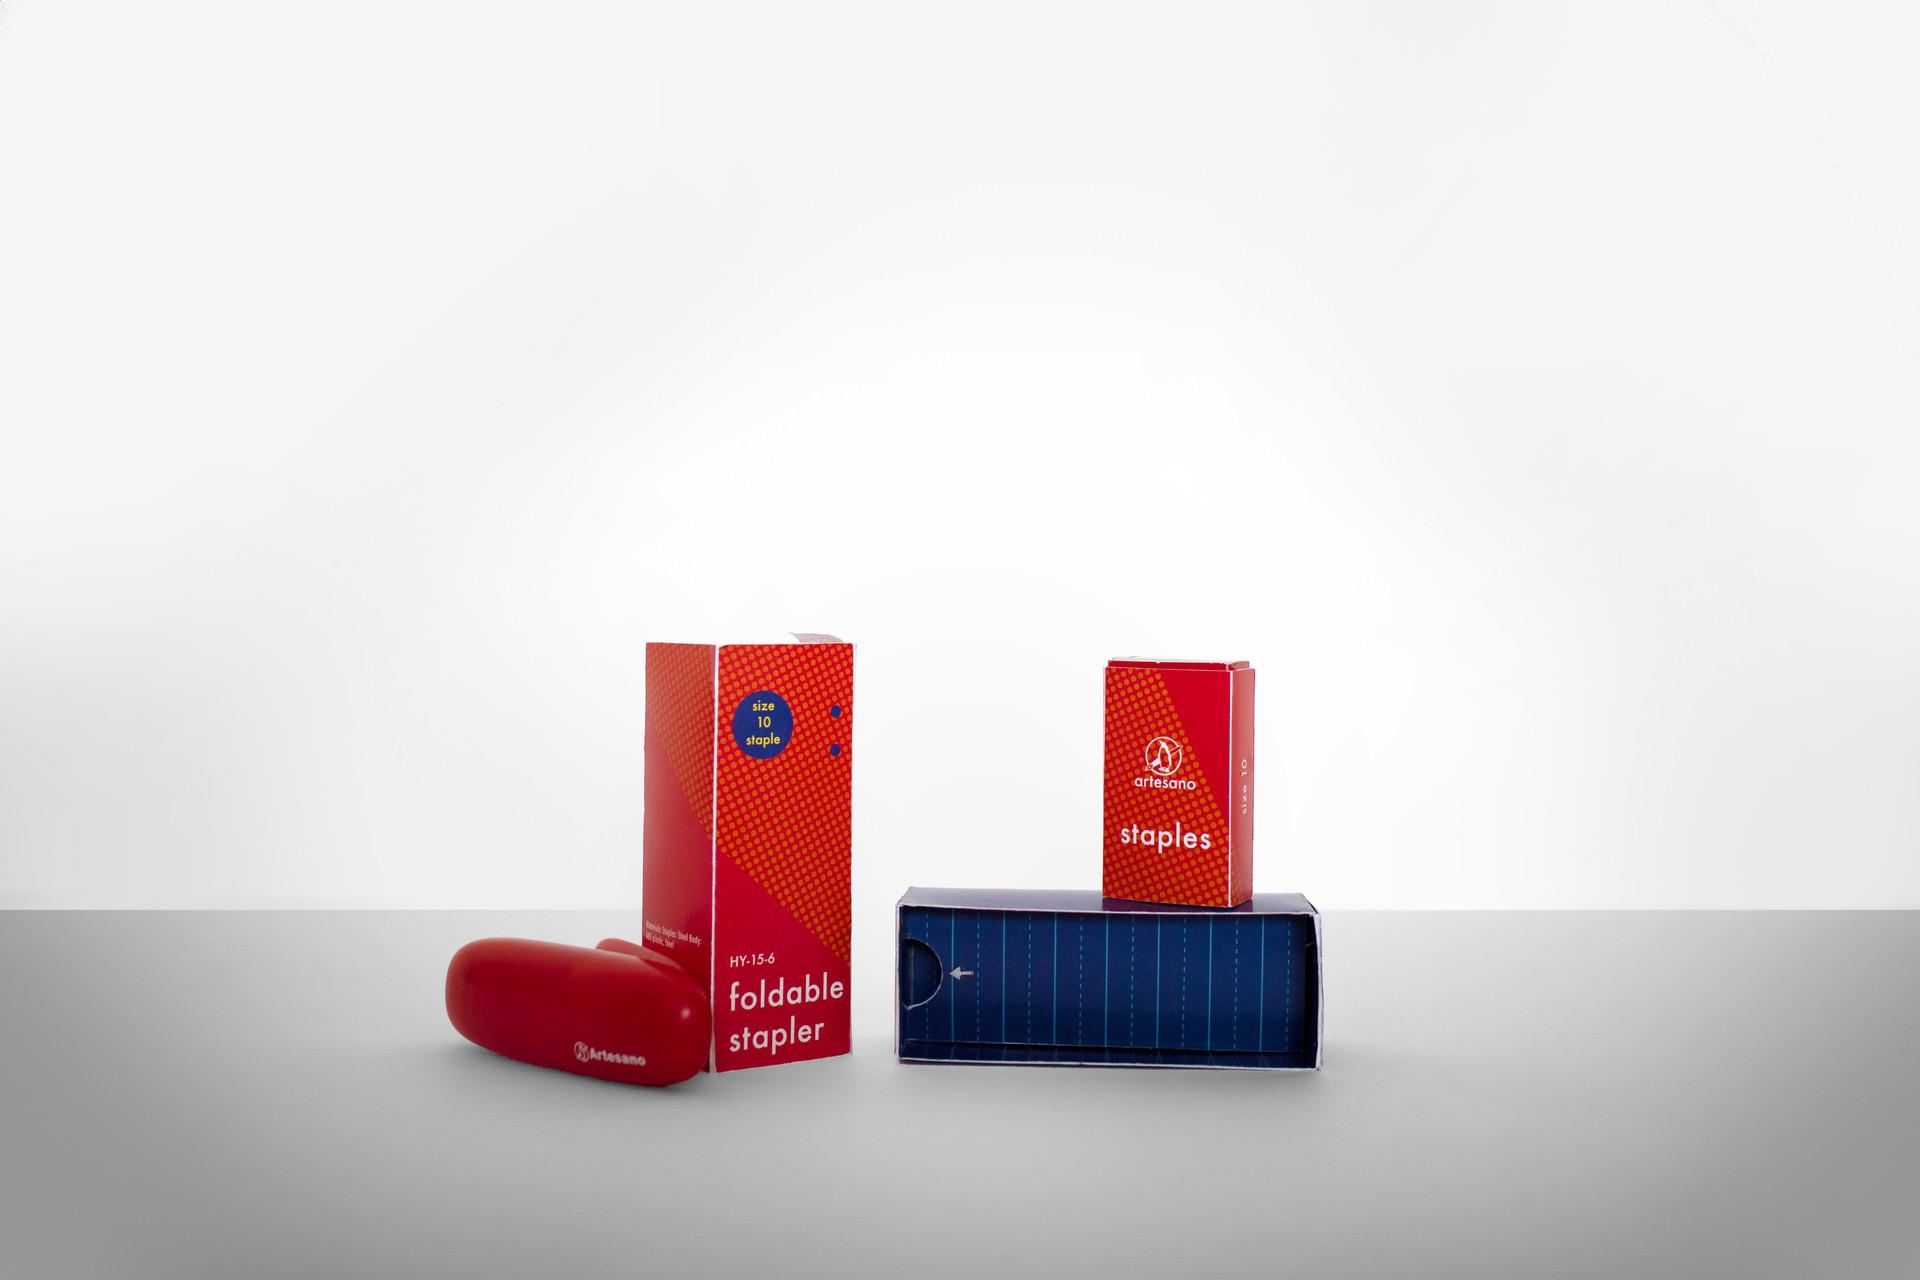 Artesano Foldable Stapler Package Design